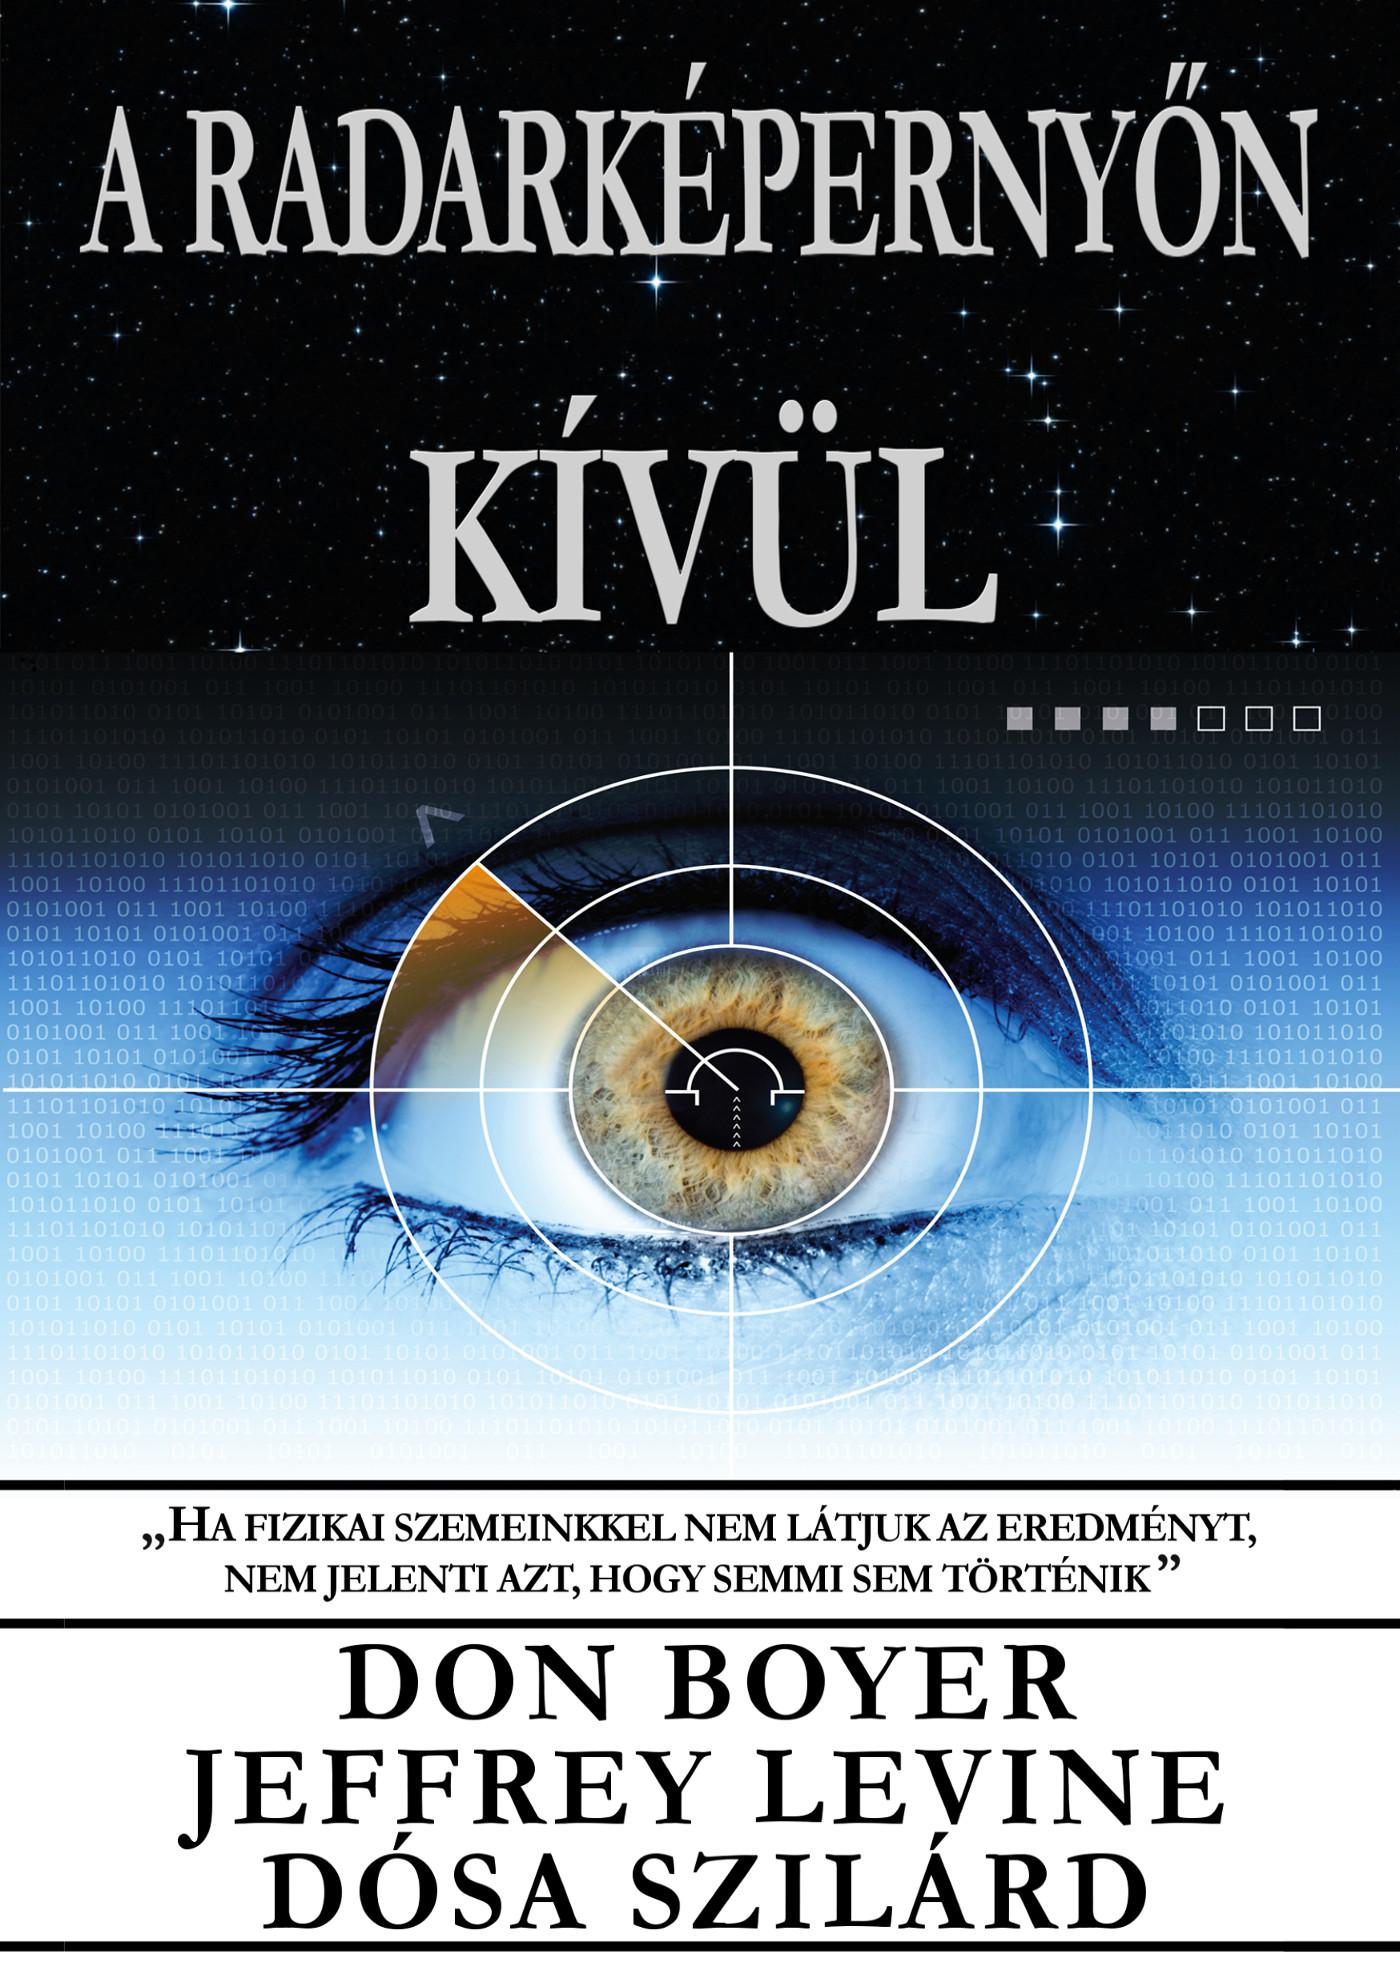 Don Boyer, Jeffrey Levine, Dósa Szilárd: A radarképernyőn kívül